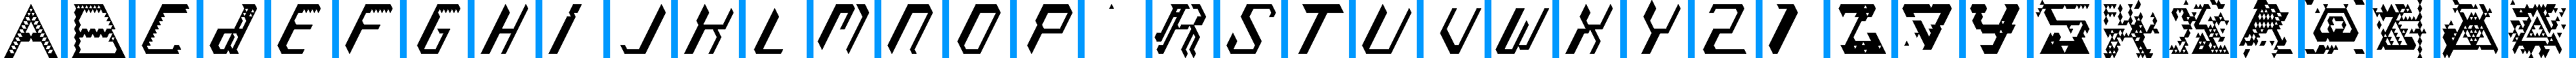 Particip-a-type v.263